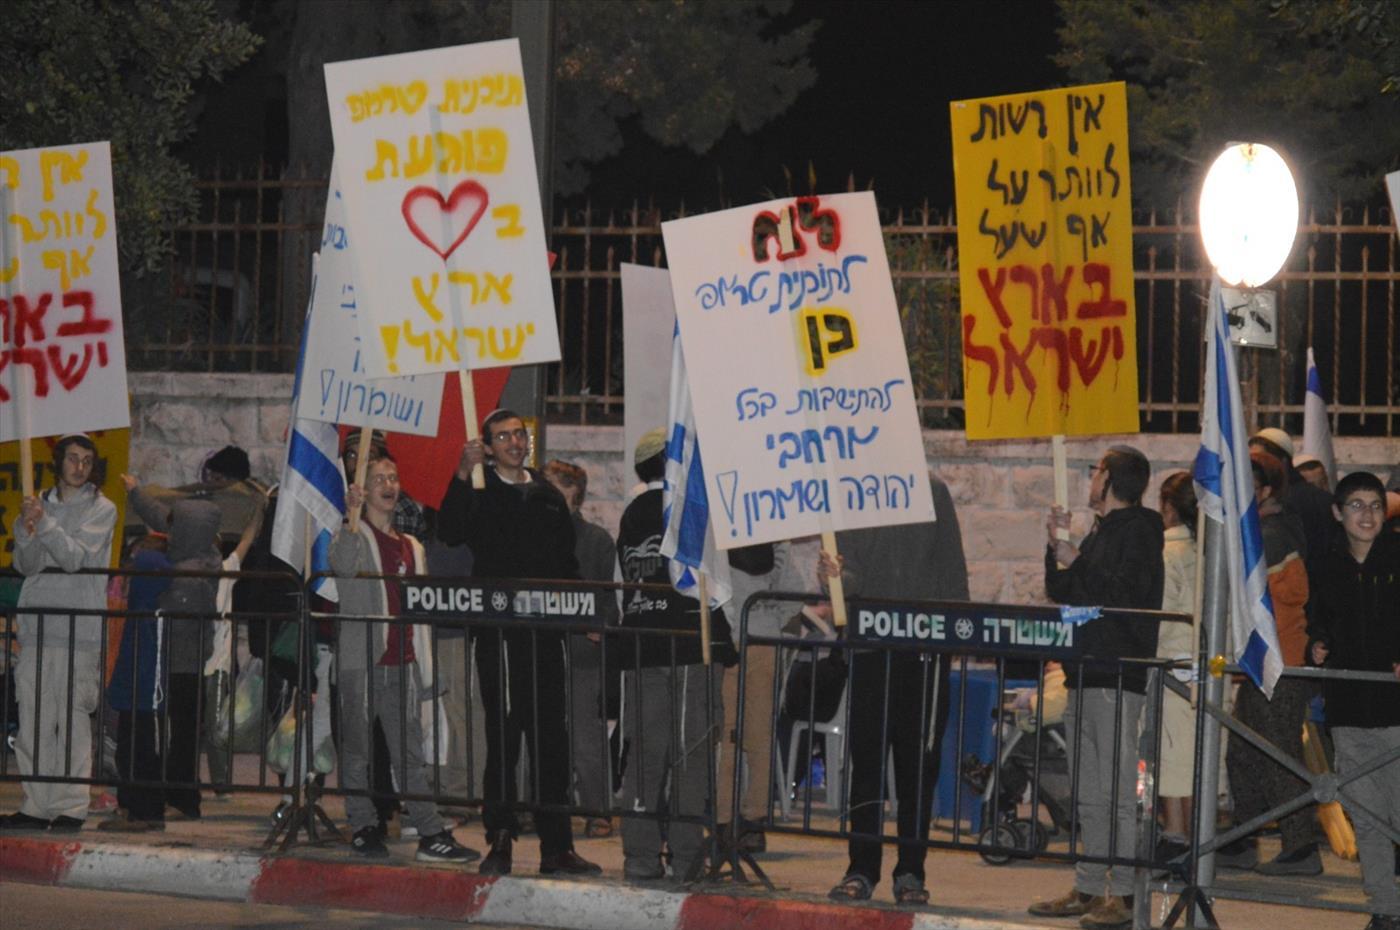 גוברת הדרישה - לא למתן ריבונות פלסטינית